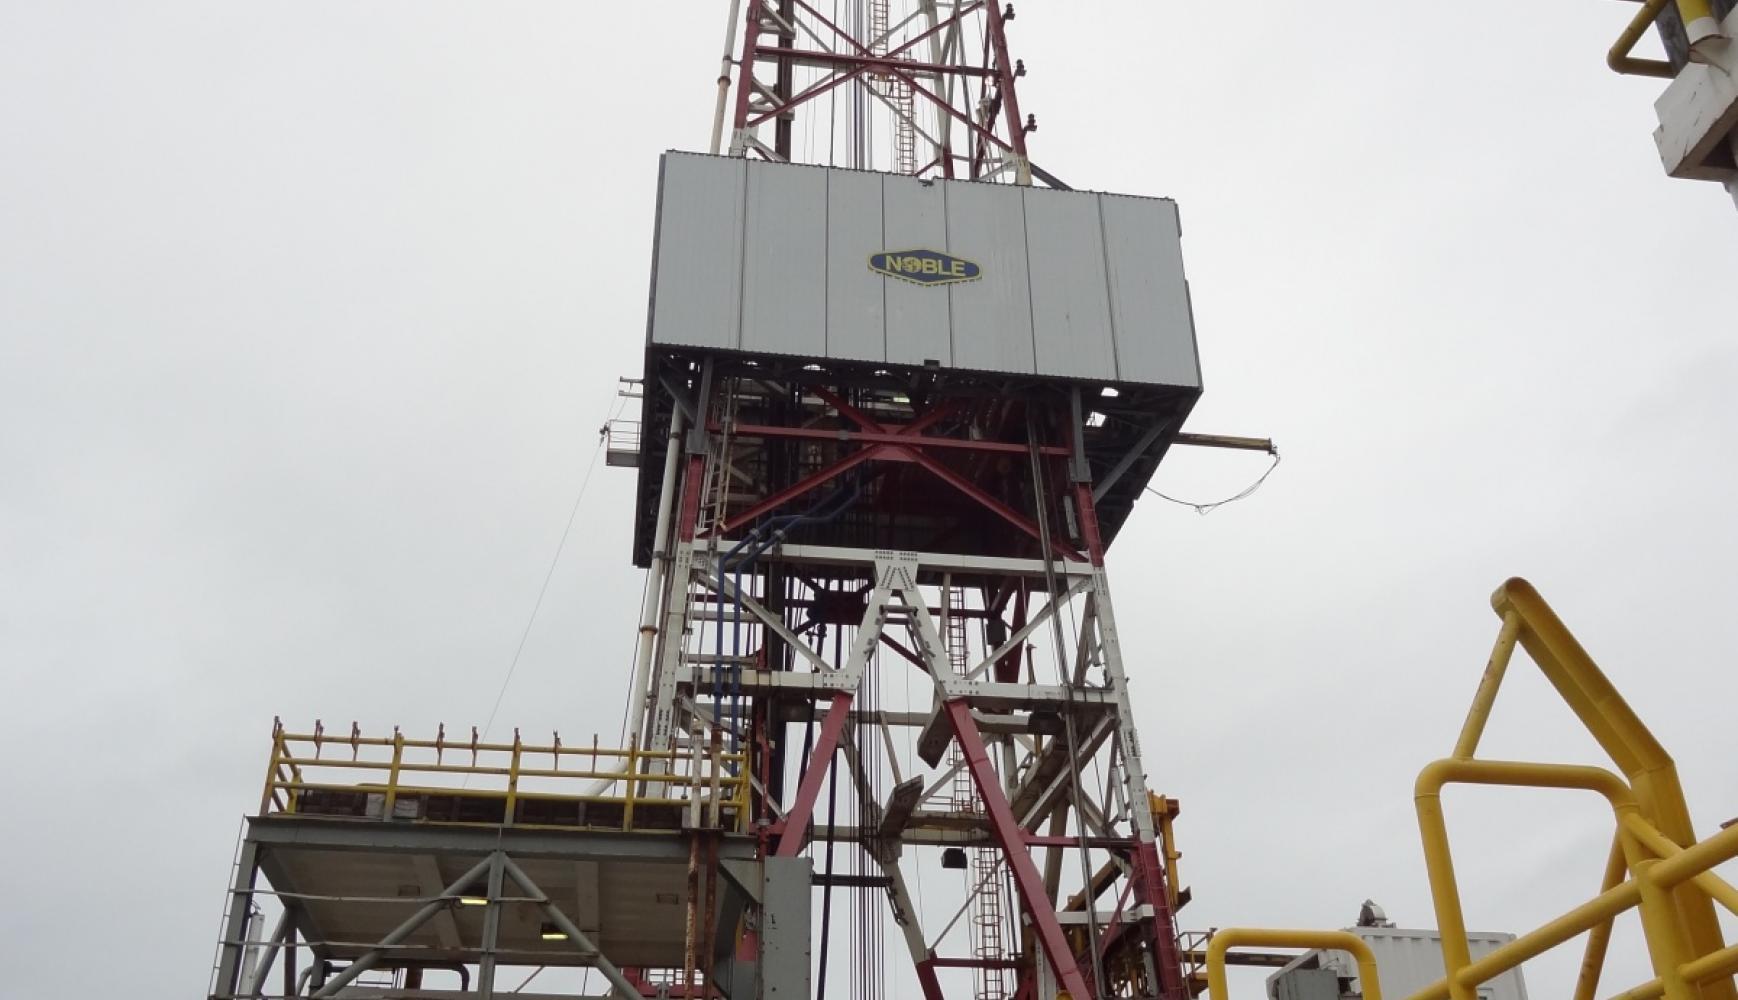 Noble Drilling Discoverer Derrick, oil rig mooring